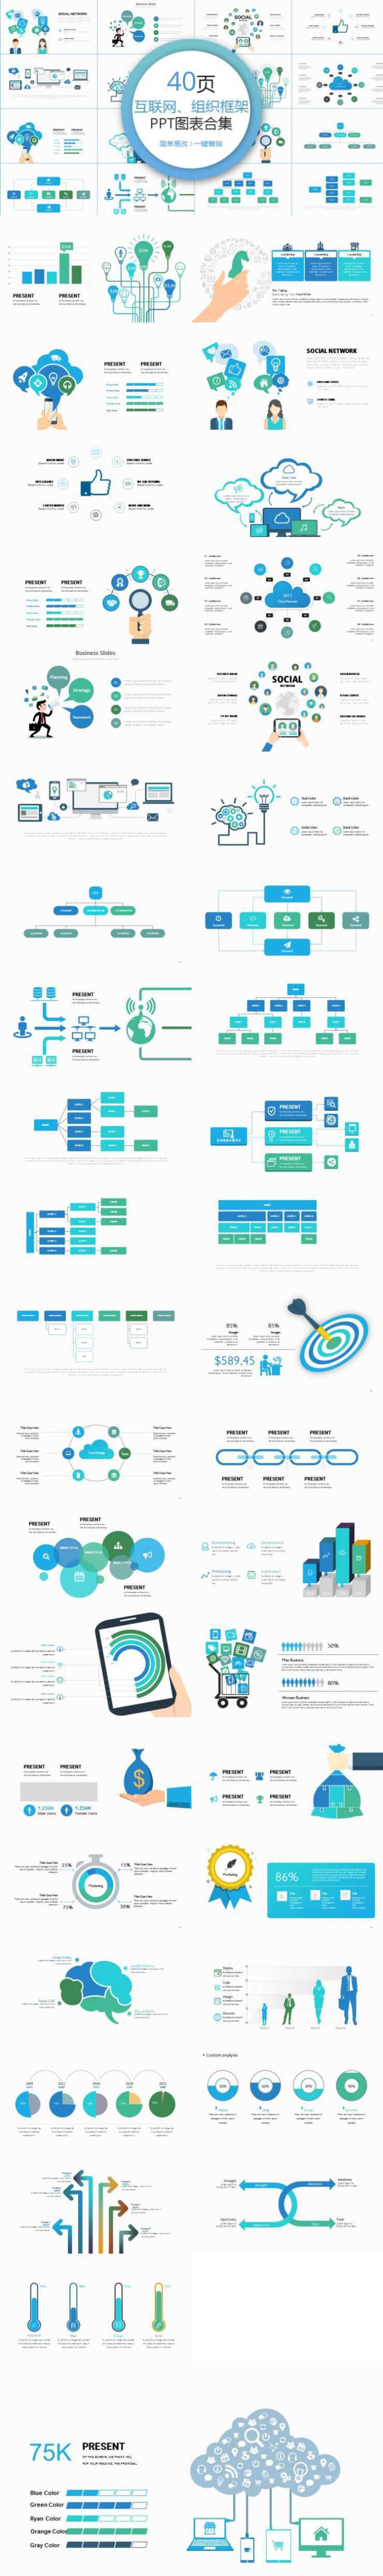 互联网组织框架PPT图表合集